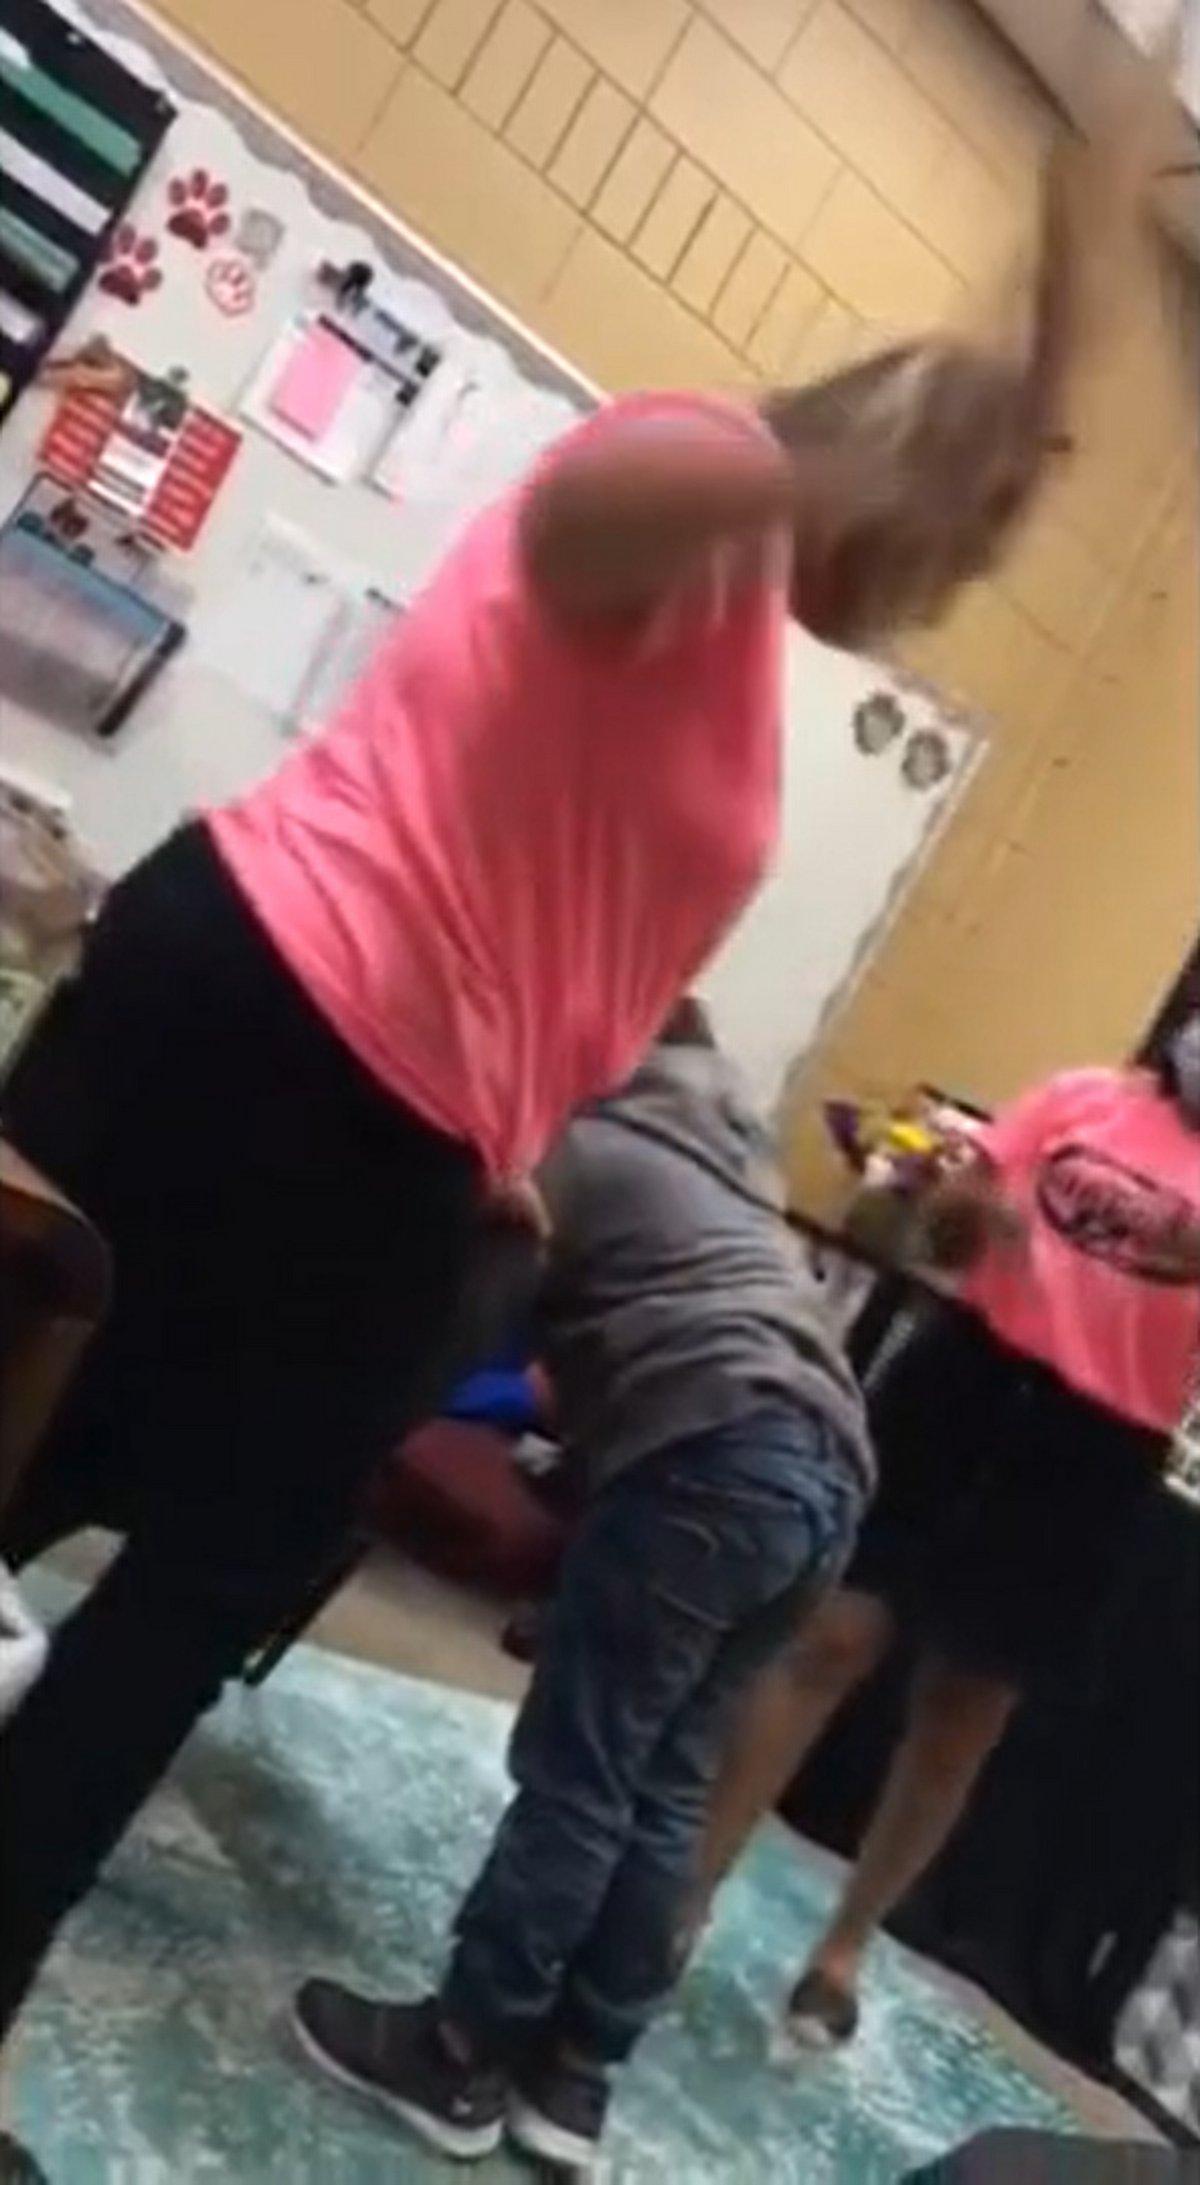 Une directrice d'école est sous enquête pour avoir donné des coups de pagaie à un enfant de 6 ans en guise de punition